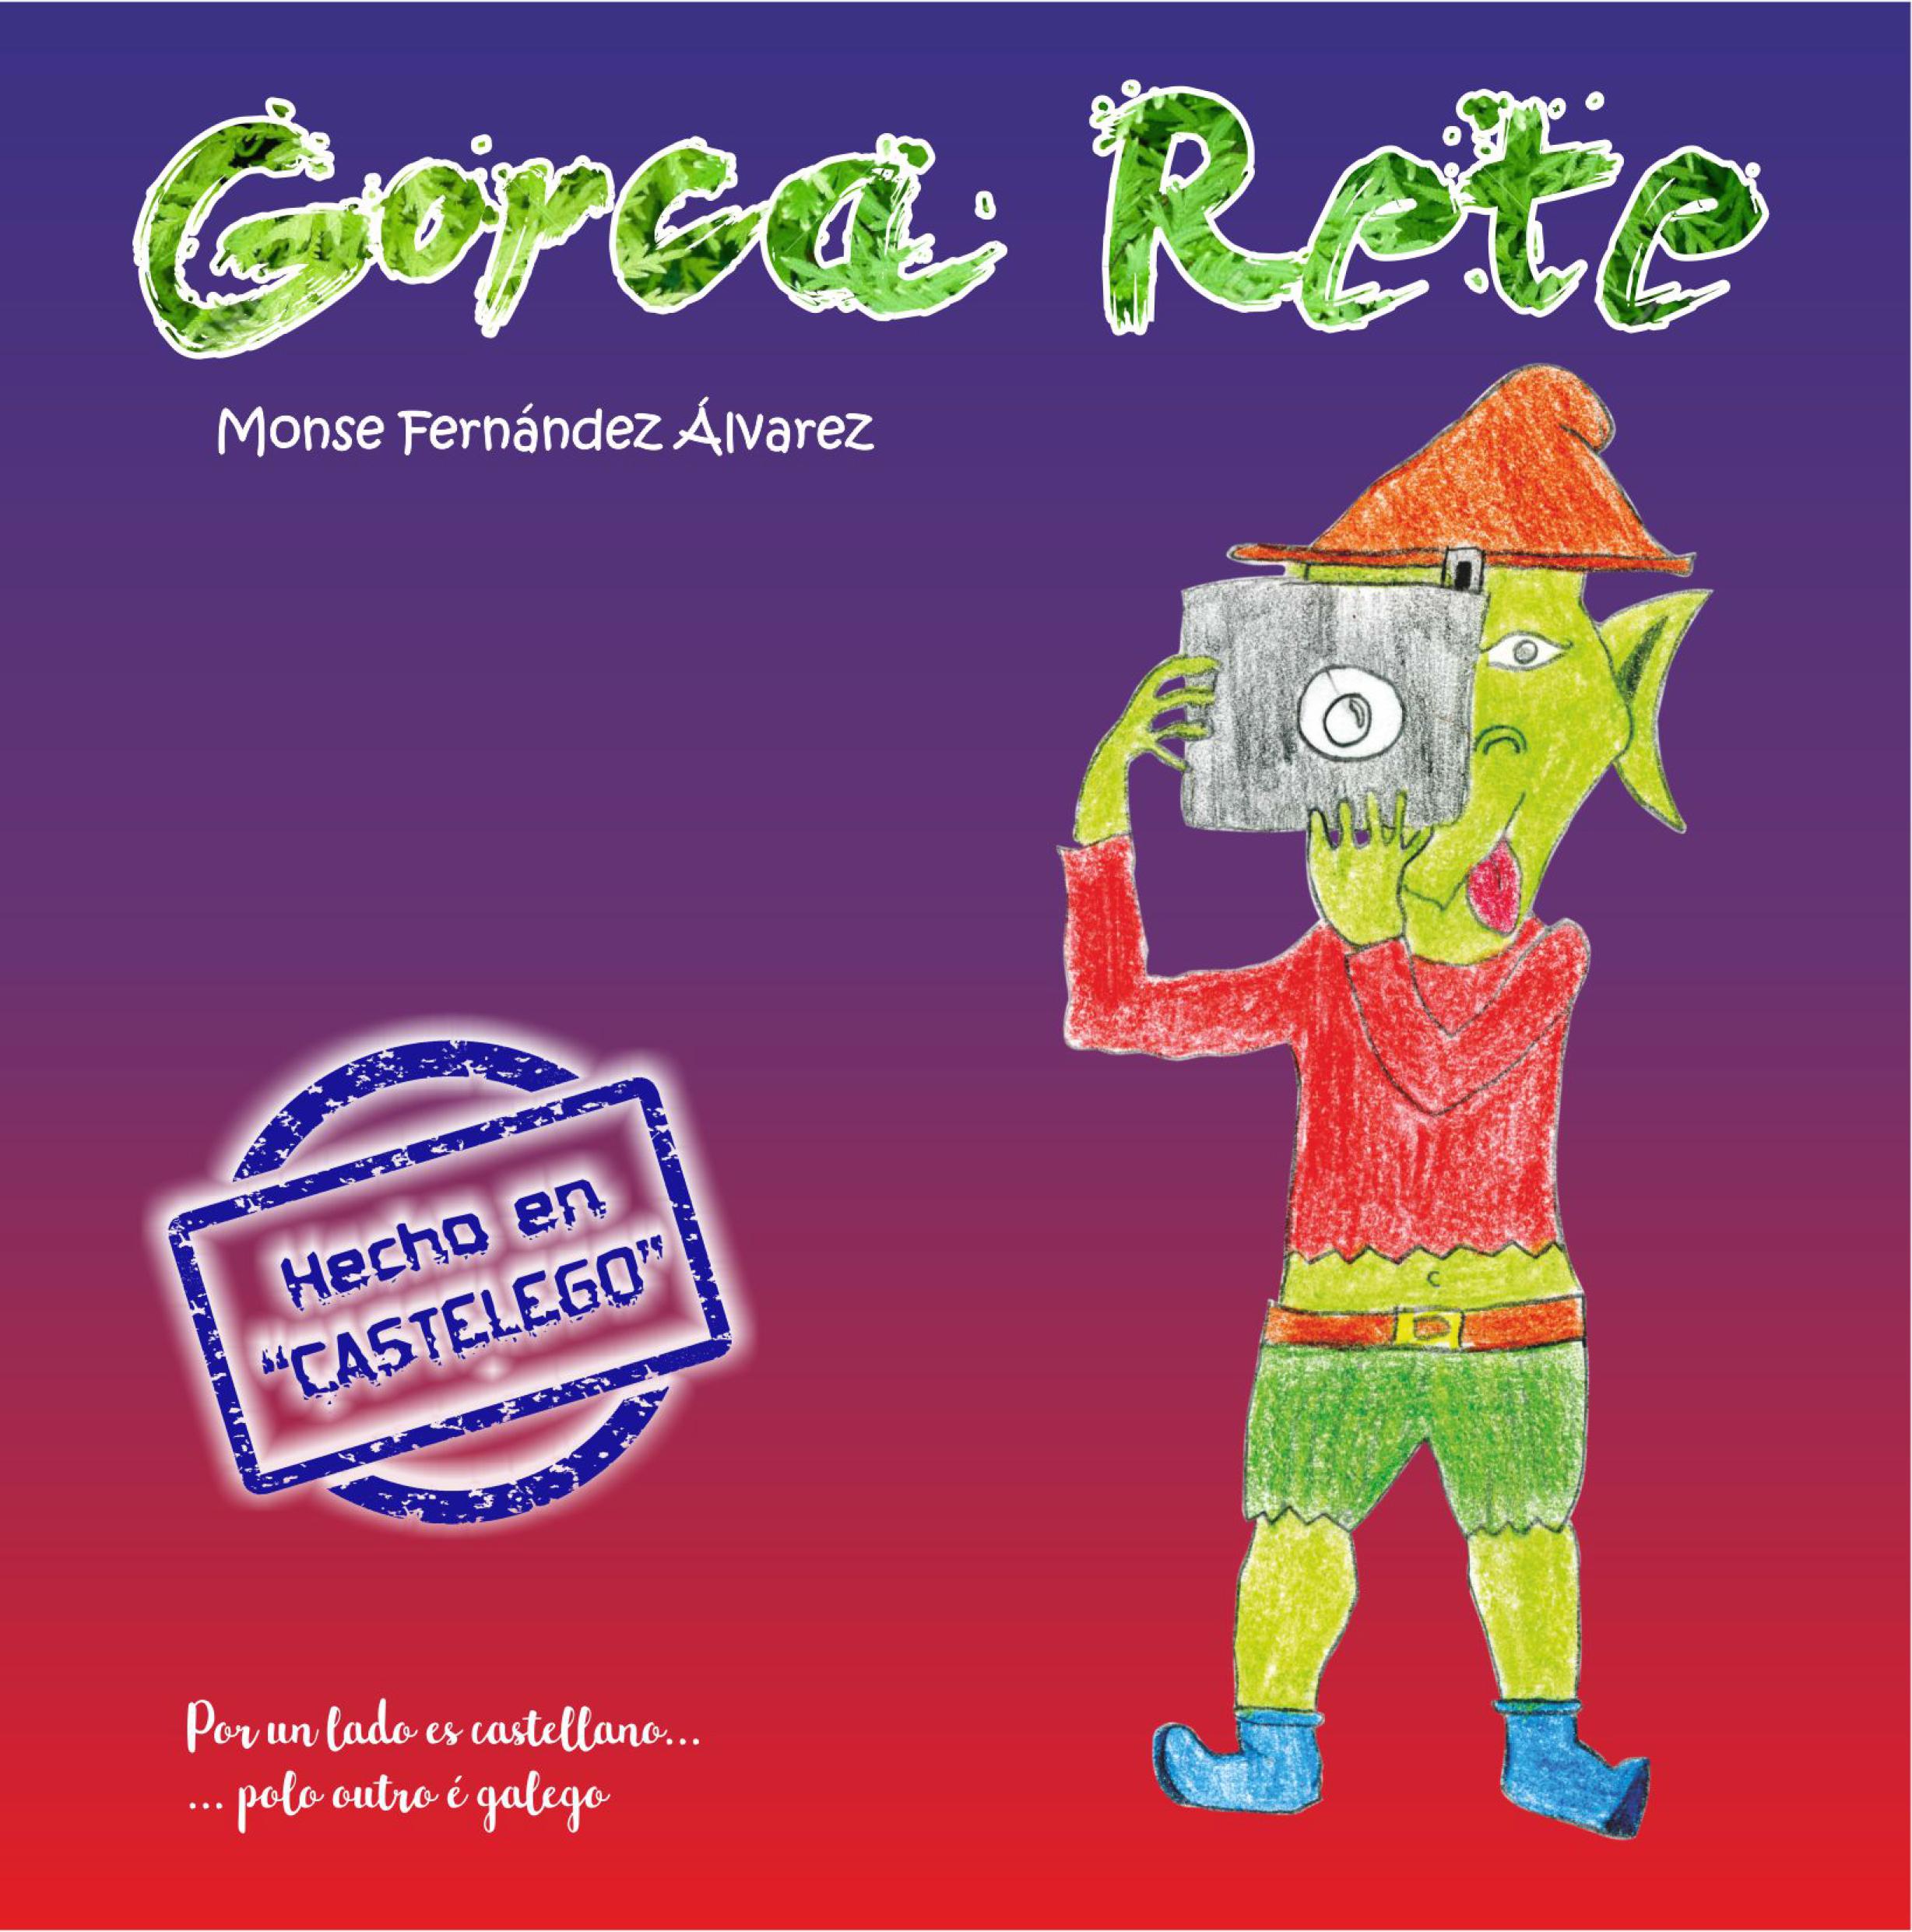 Gorca Rete libro infantil en galego